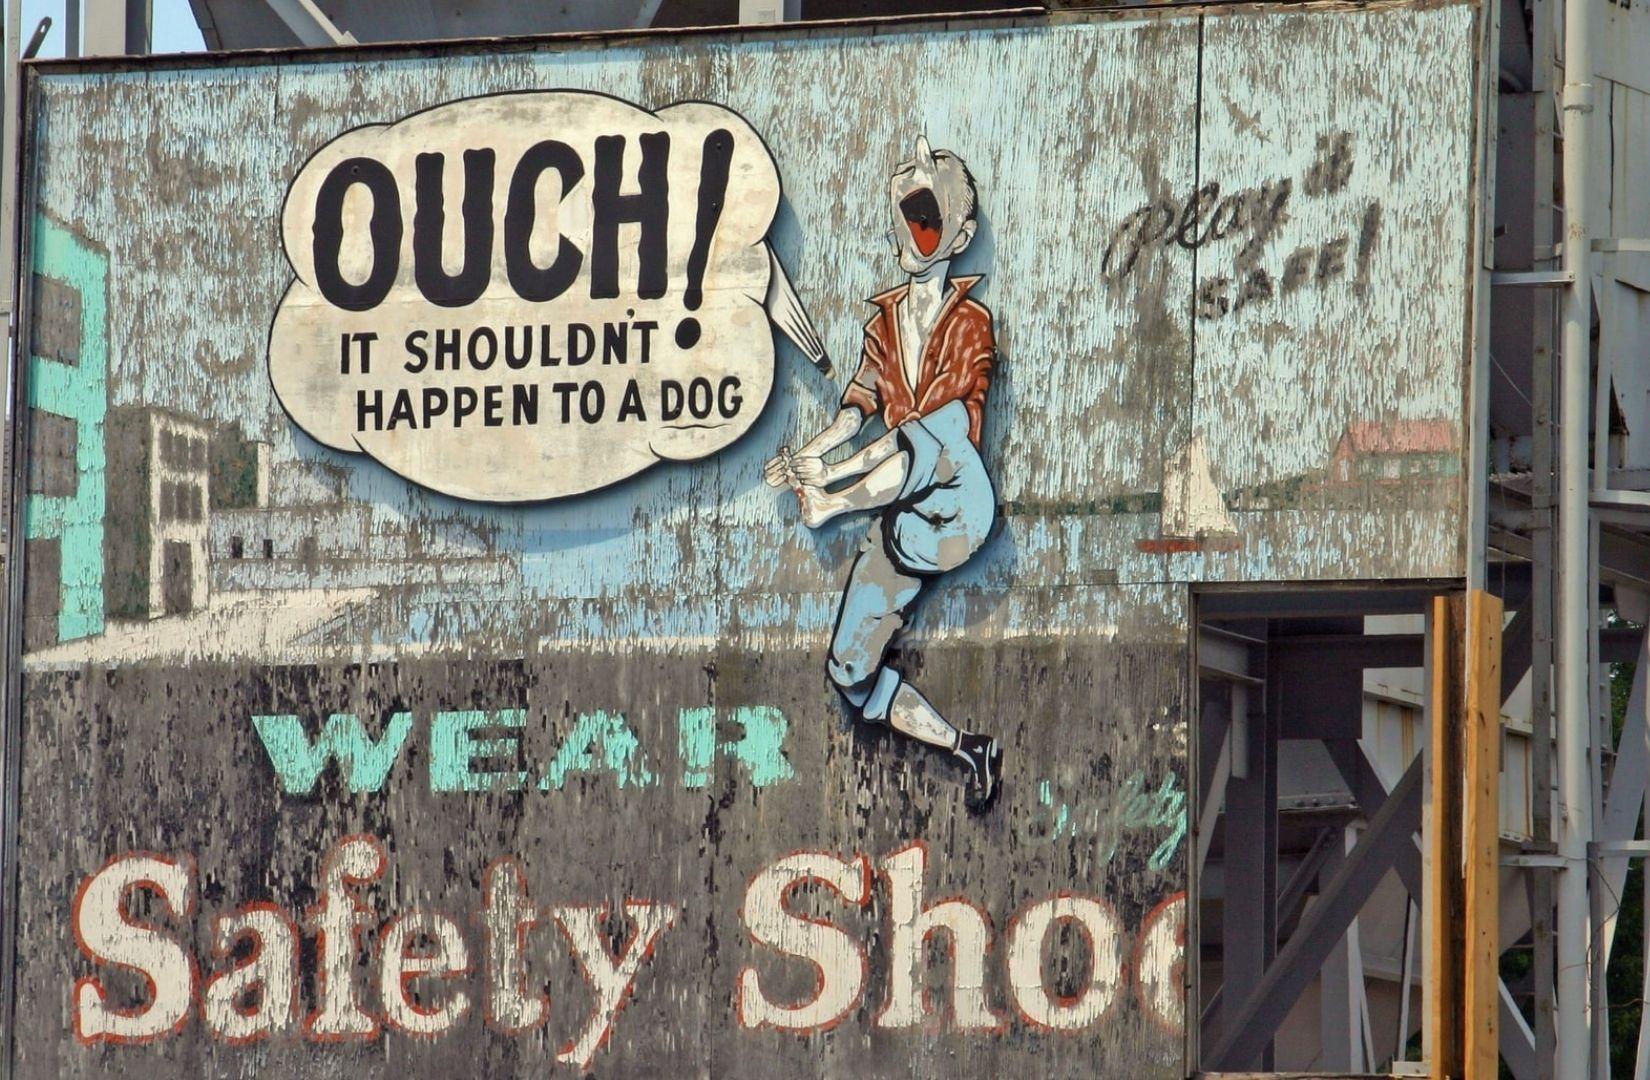 Ohne Sichrheitsschuhe droht am Arbeitsplatz eine Katastrophe. Billboard im Hafen von Boston. (Foto: Ilse Orsel, Unsplash.com)